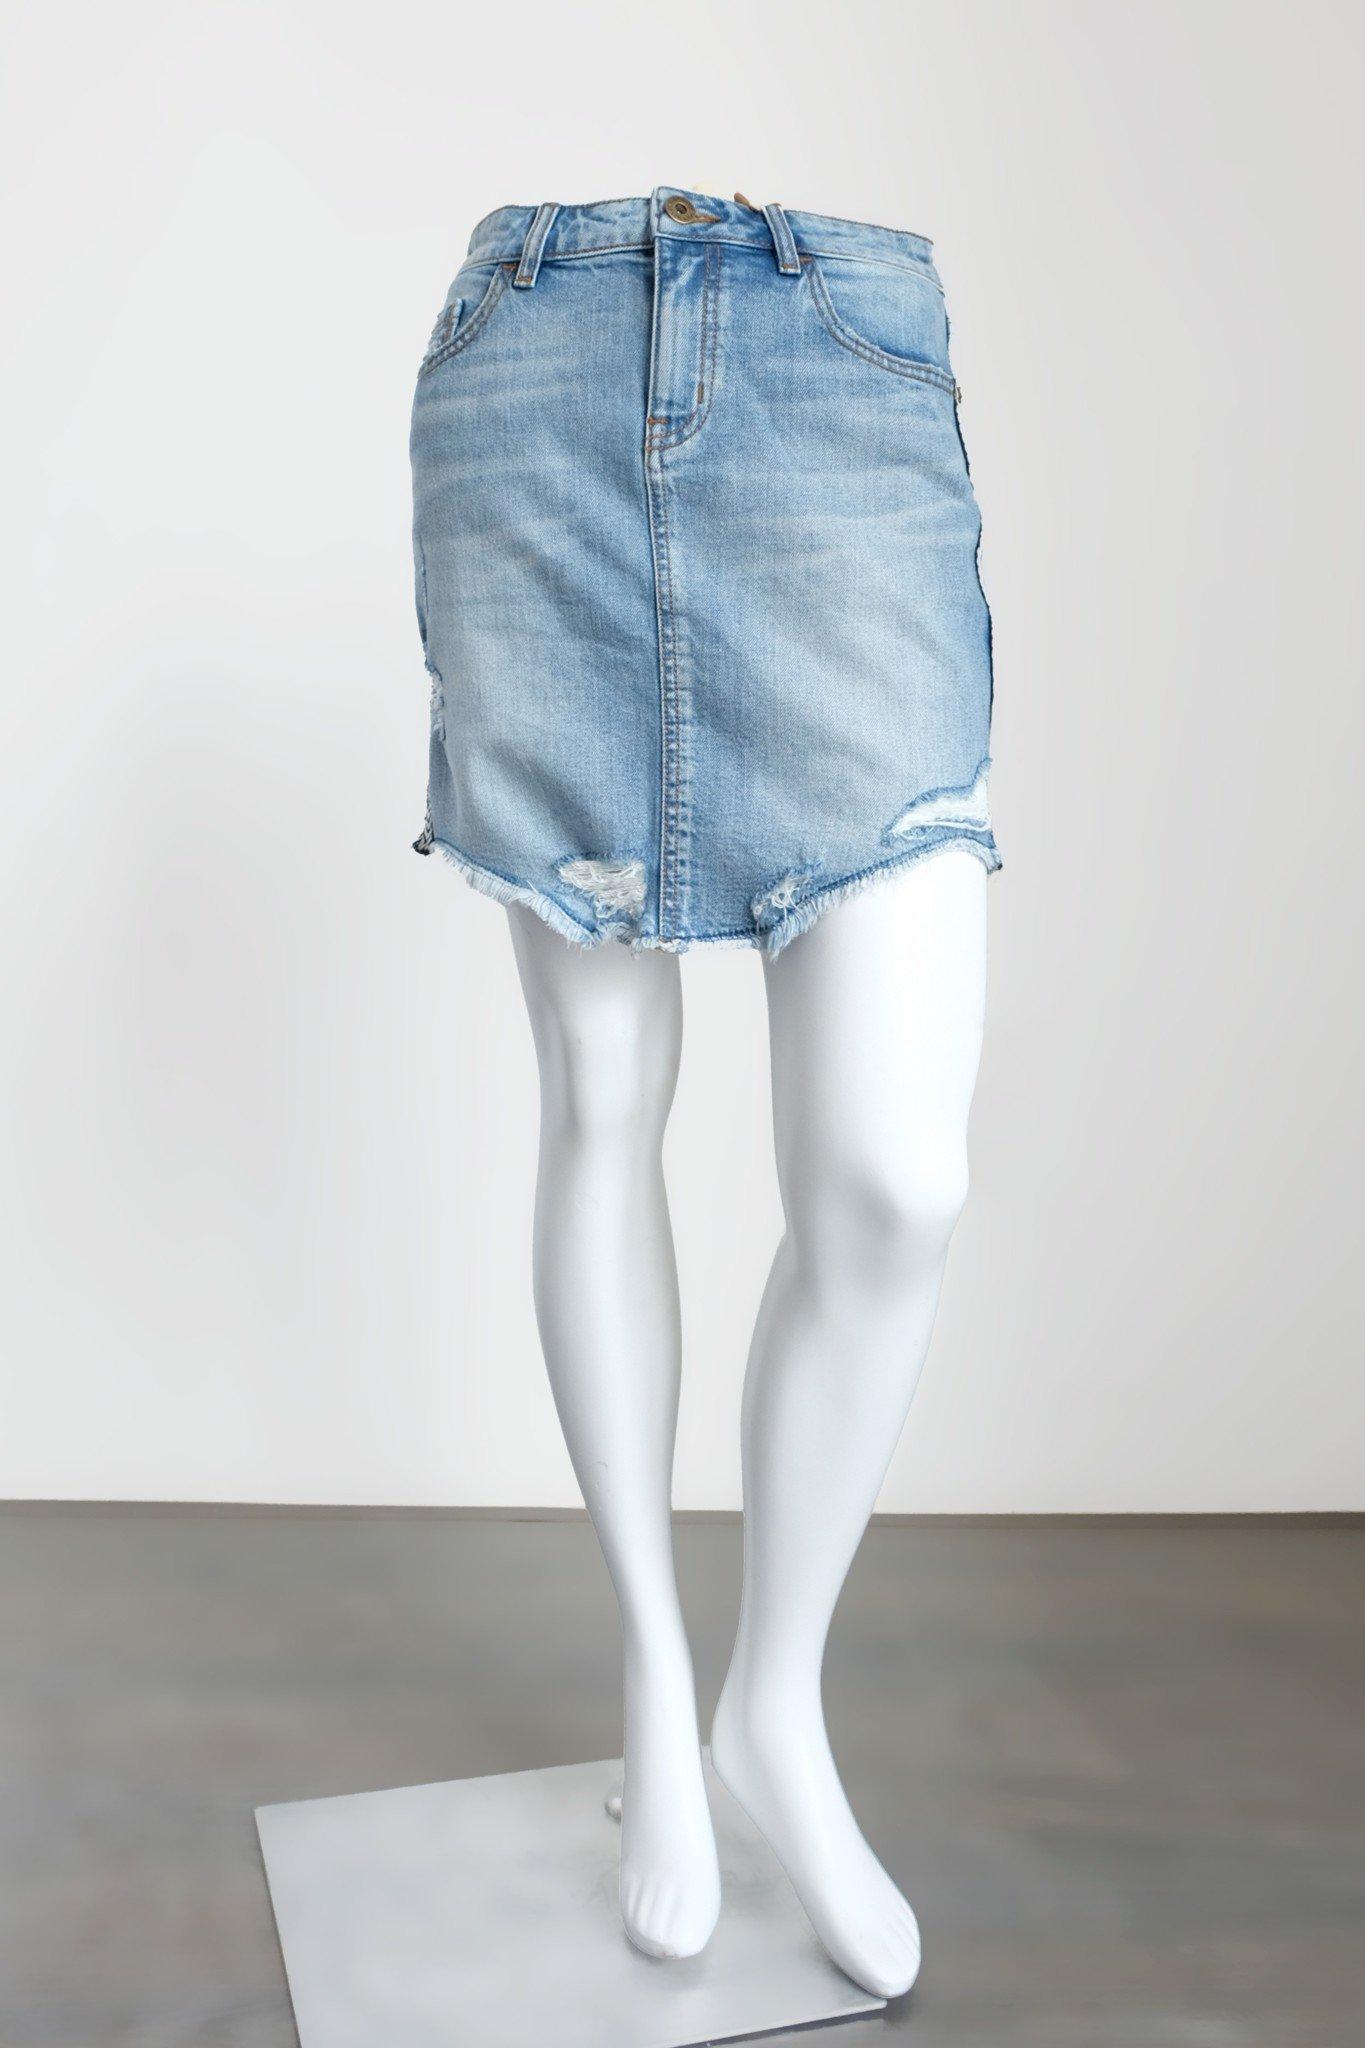 Váy jeans dáng ôm - 219WD1114F1910